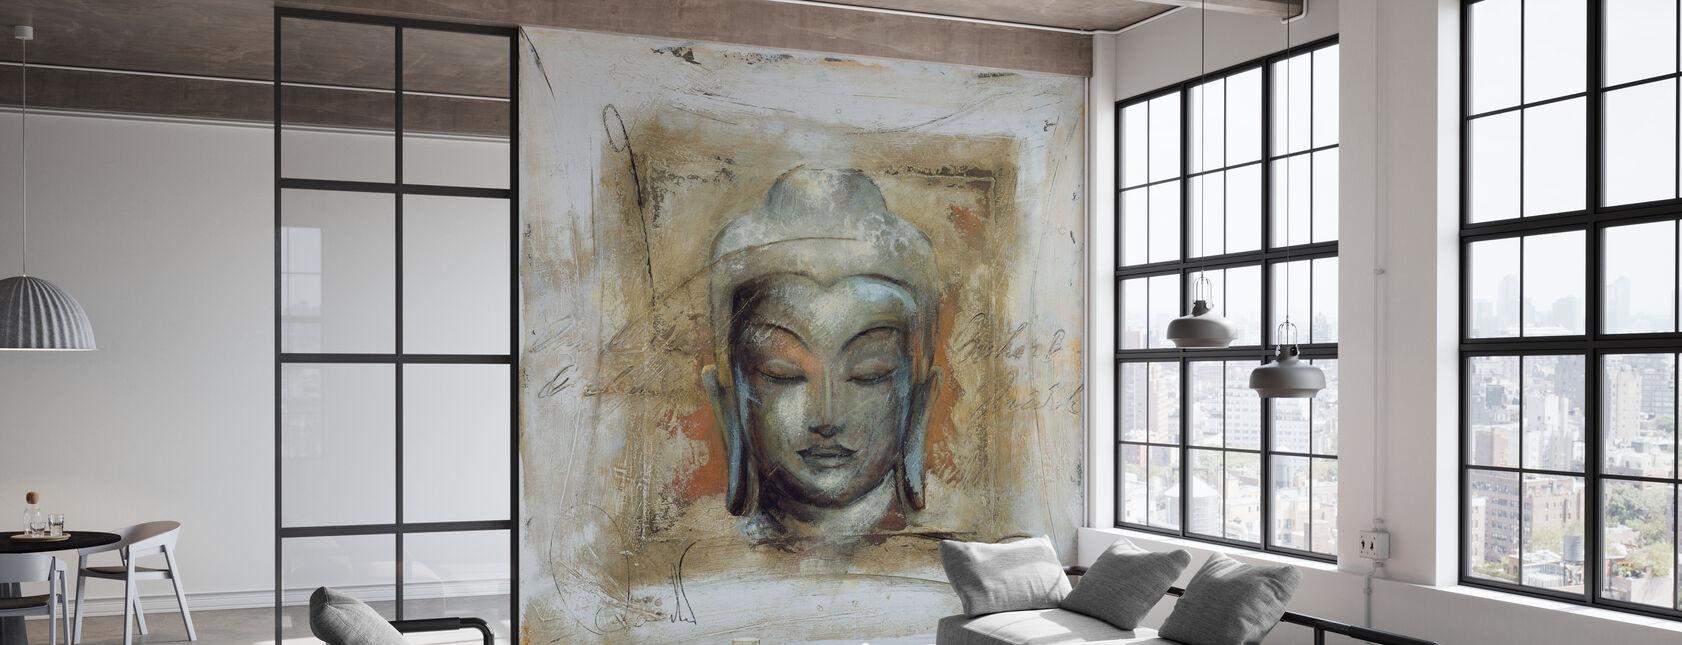 Inner Peace - Wallpaper - Office